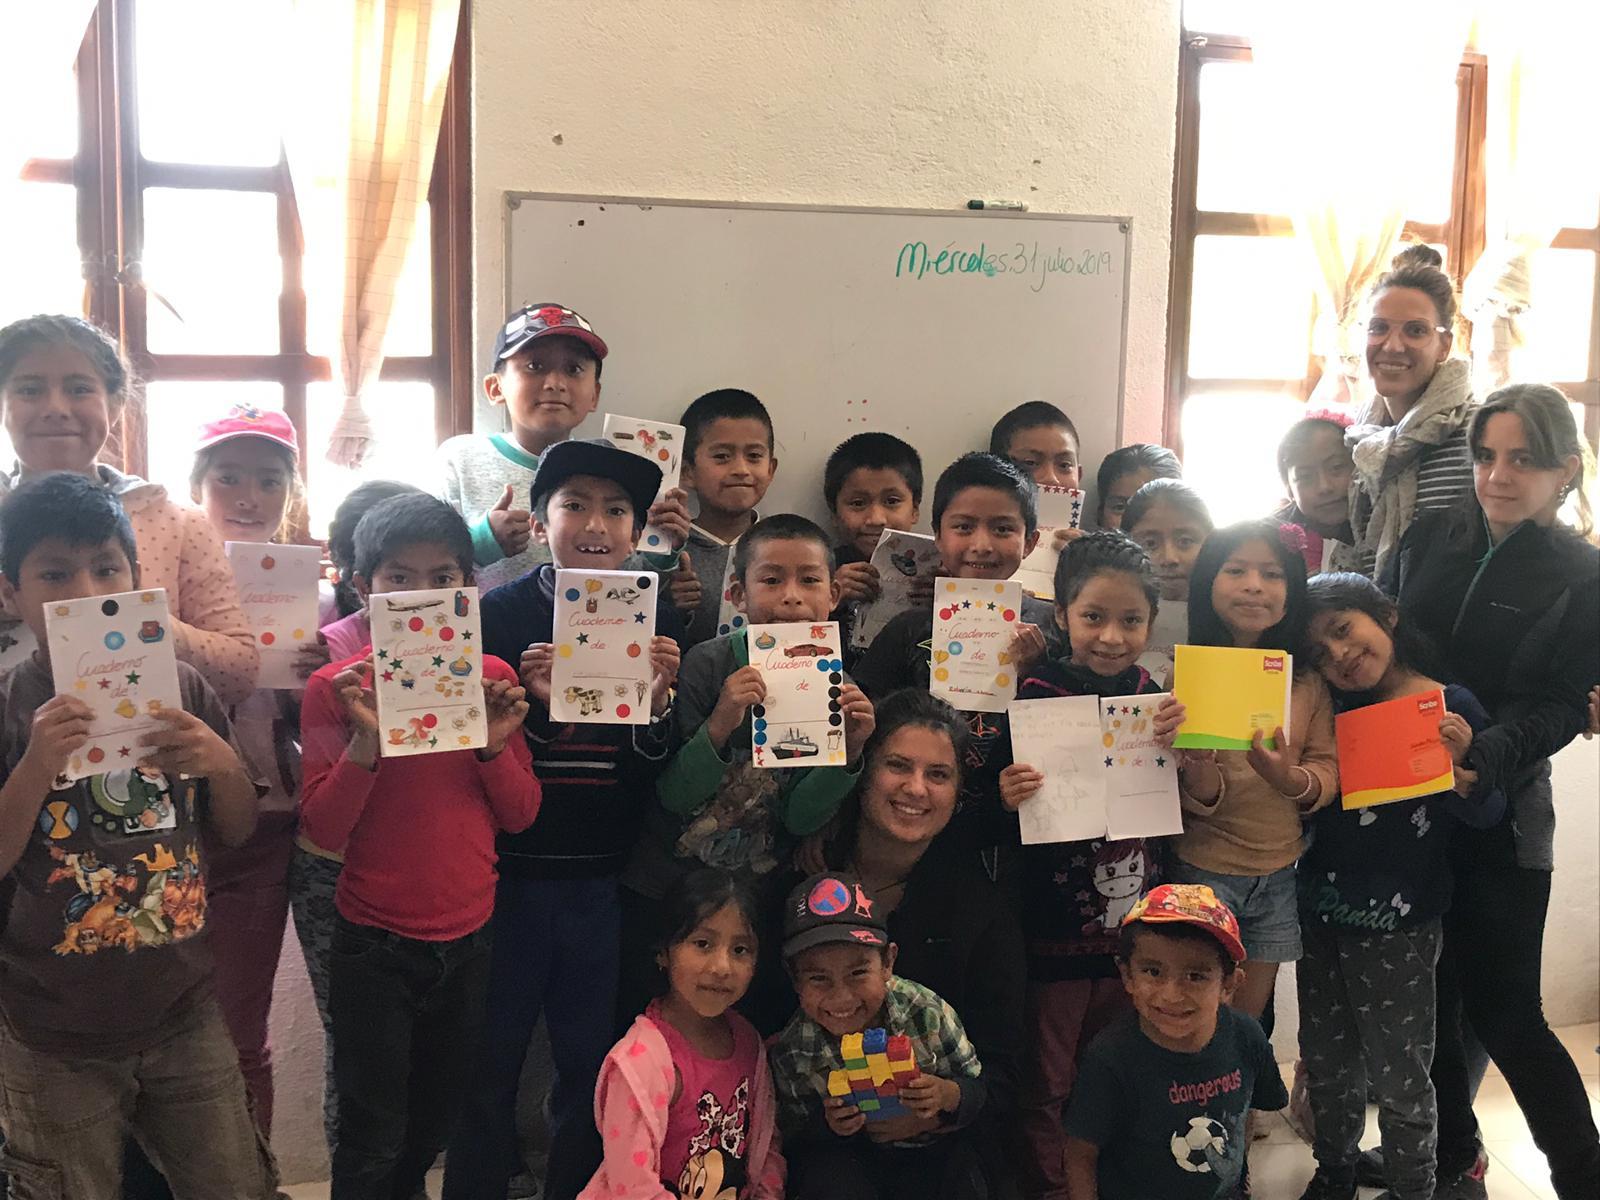 2019-08-01 at 22.19.05 - Mexico